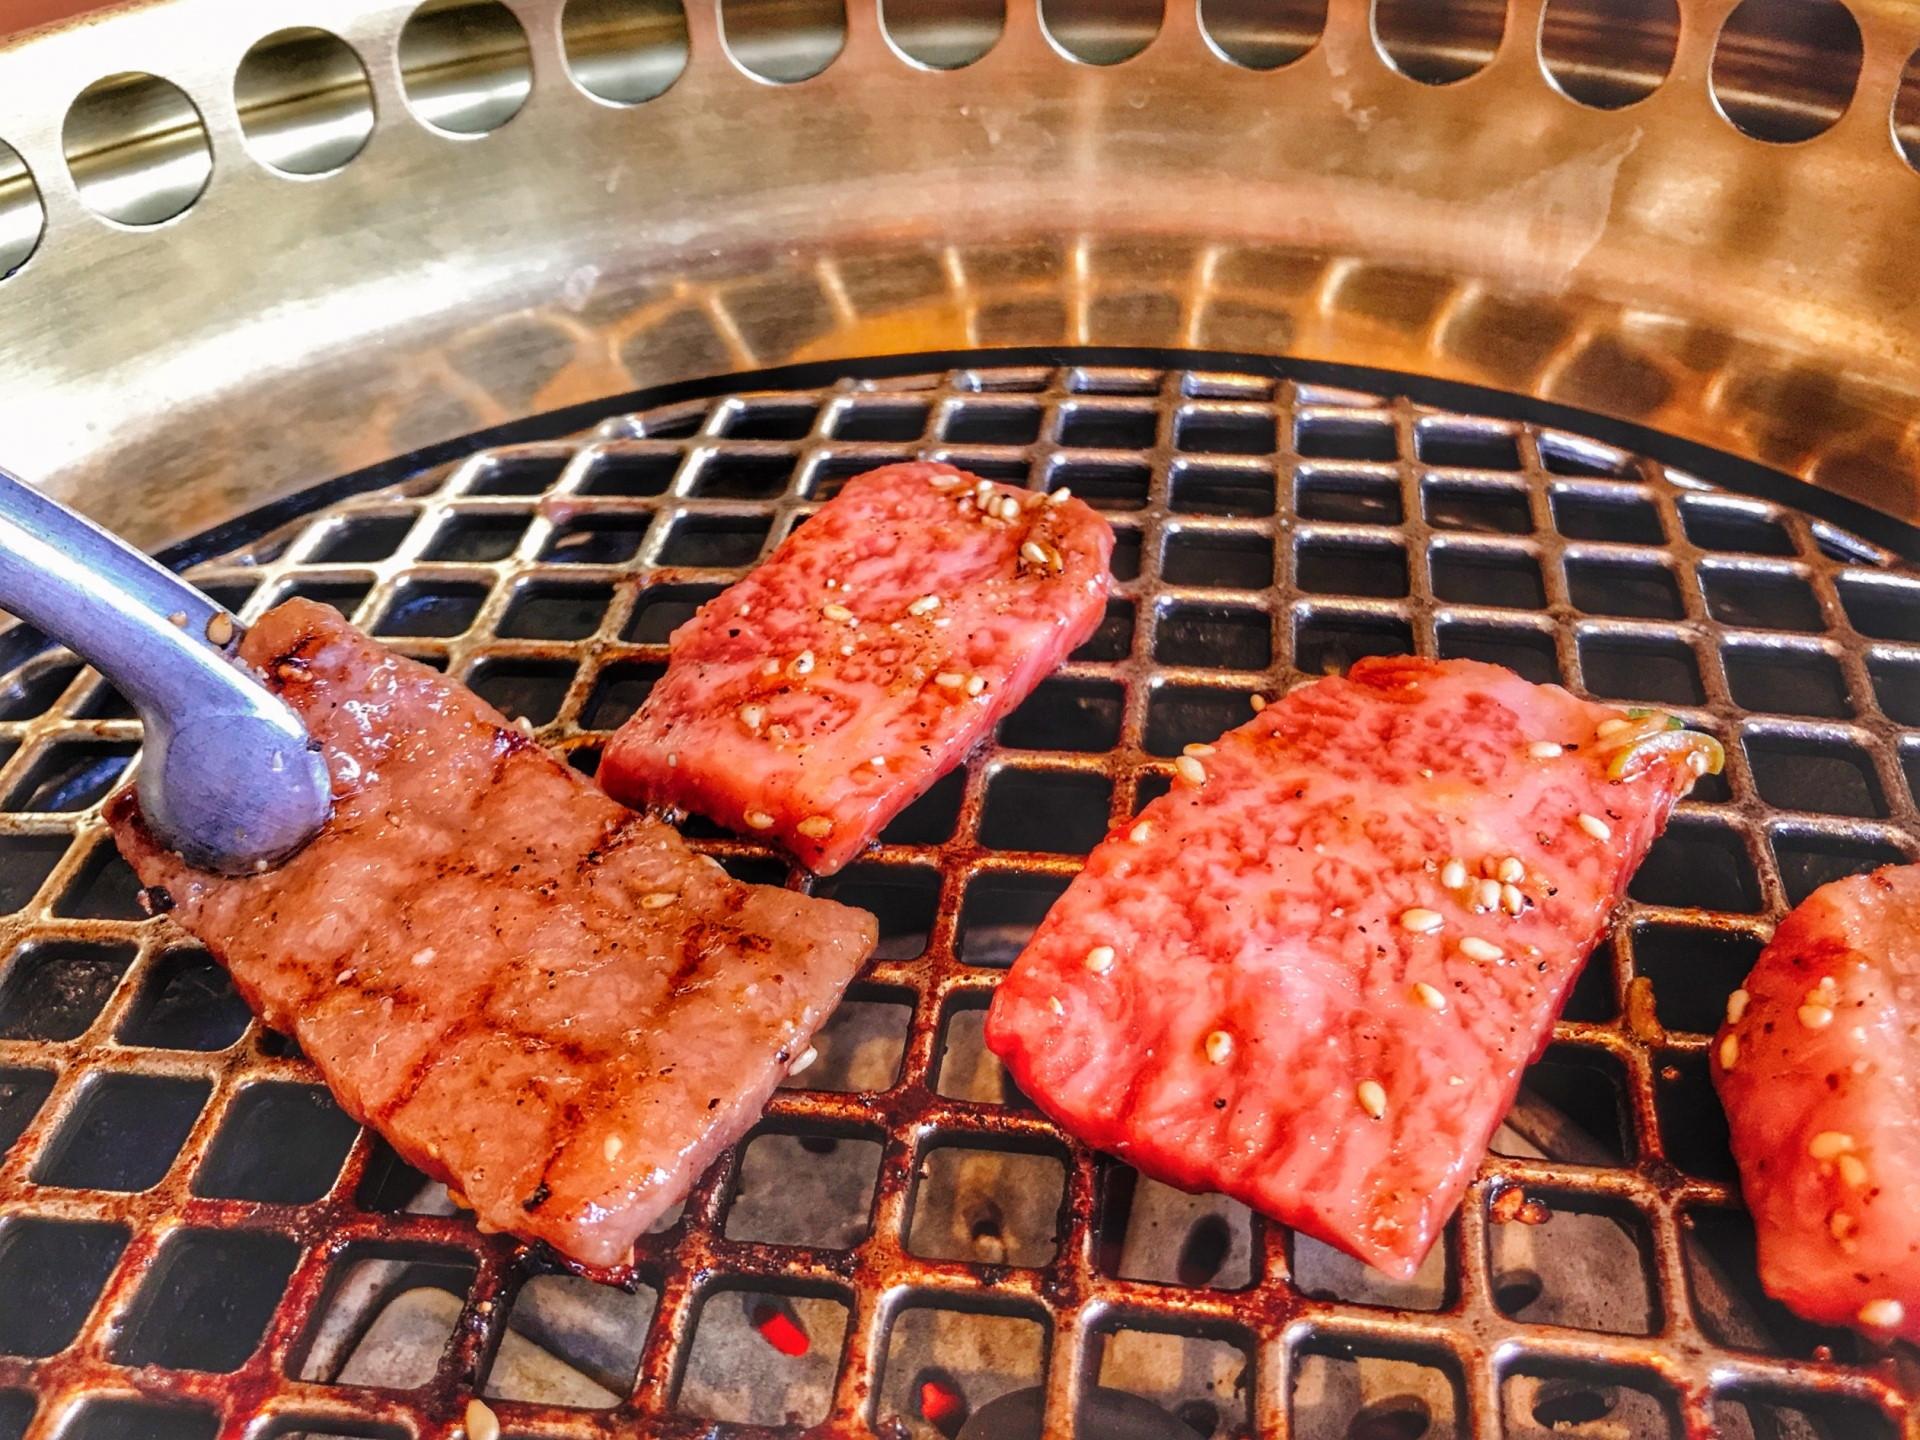 「日本旅行」「ハウス食品」苦境に陥った飲食店支援でベンチャーと協業